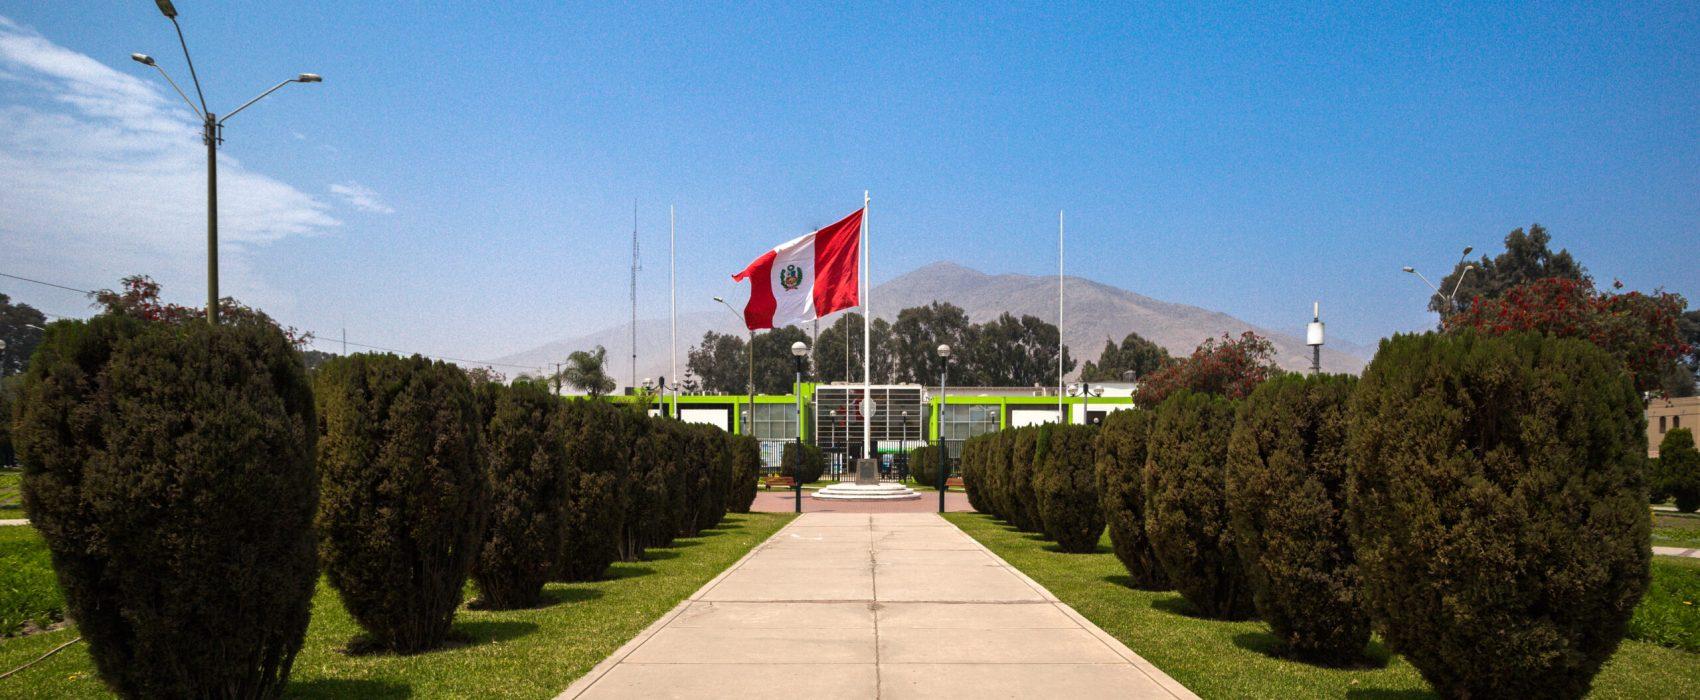 Nuevo Palacio Municipal y Parque Principal del Distrito